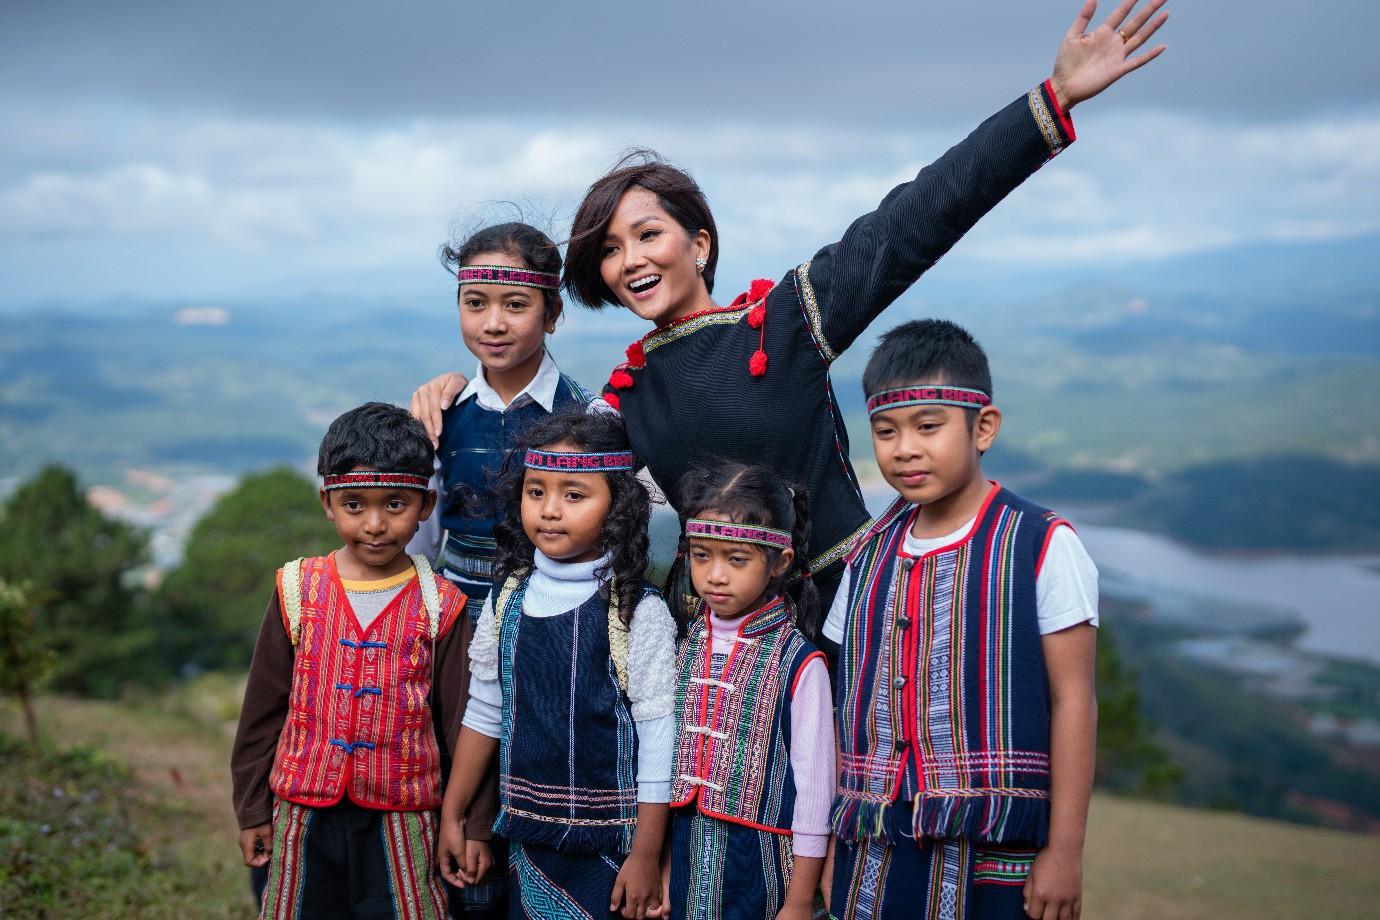 H'Hen Niê tiếp thêm nguồn cảm hứng mới cho du lịch Lâm Đồng - Ảnh 5.